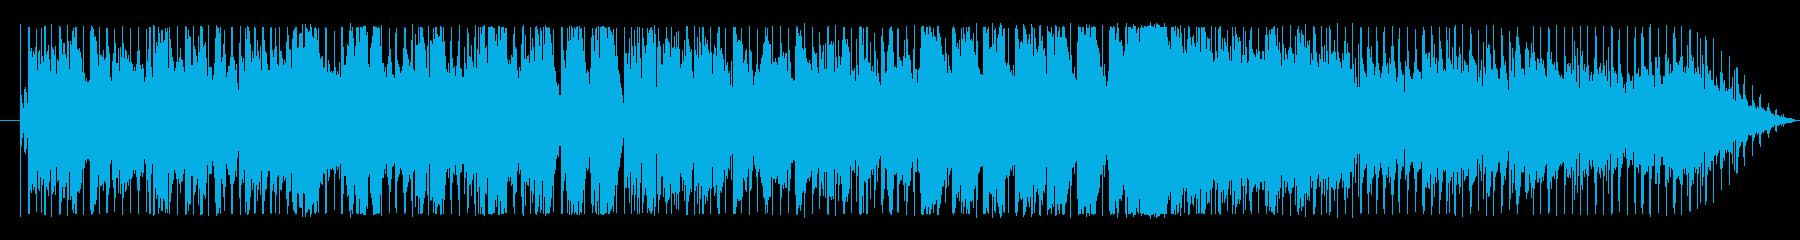 シンプルにバラード風で。の再生済みの波形